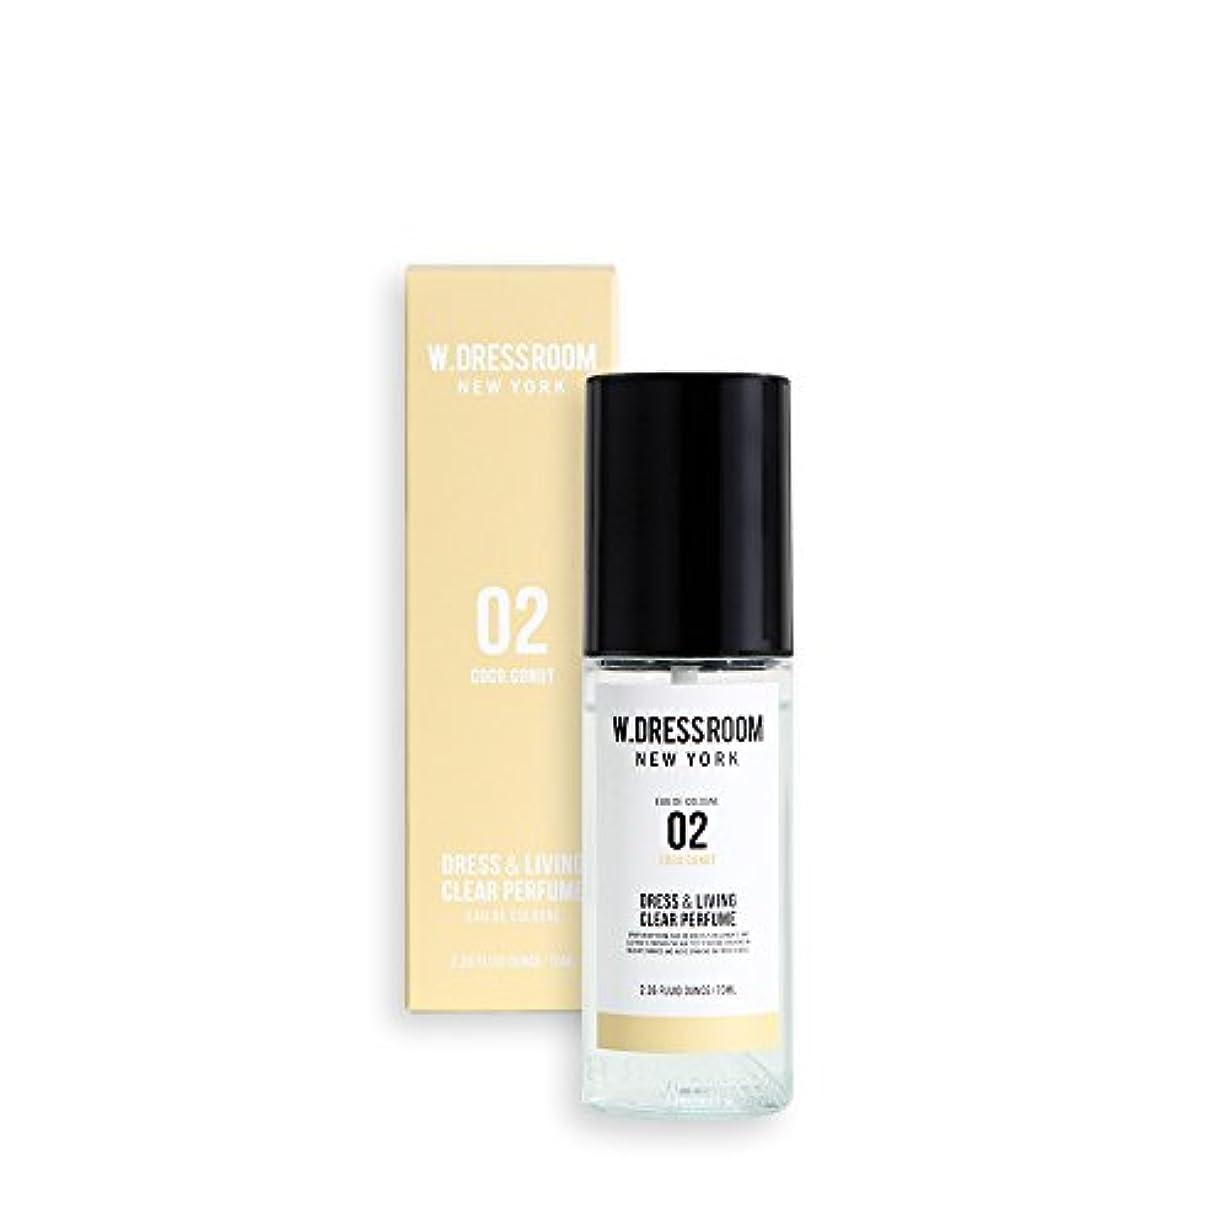 爆発するティームかかわらずW.DRESSROOM Dress & Living Clear Perfume 70ml/ダブルドレスルーム ドレス&リビング クリア パフューム 70ml (#No.02 Coco Conut) [並行輸入品]